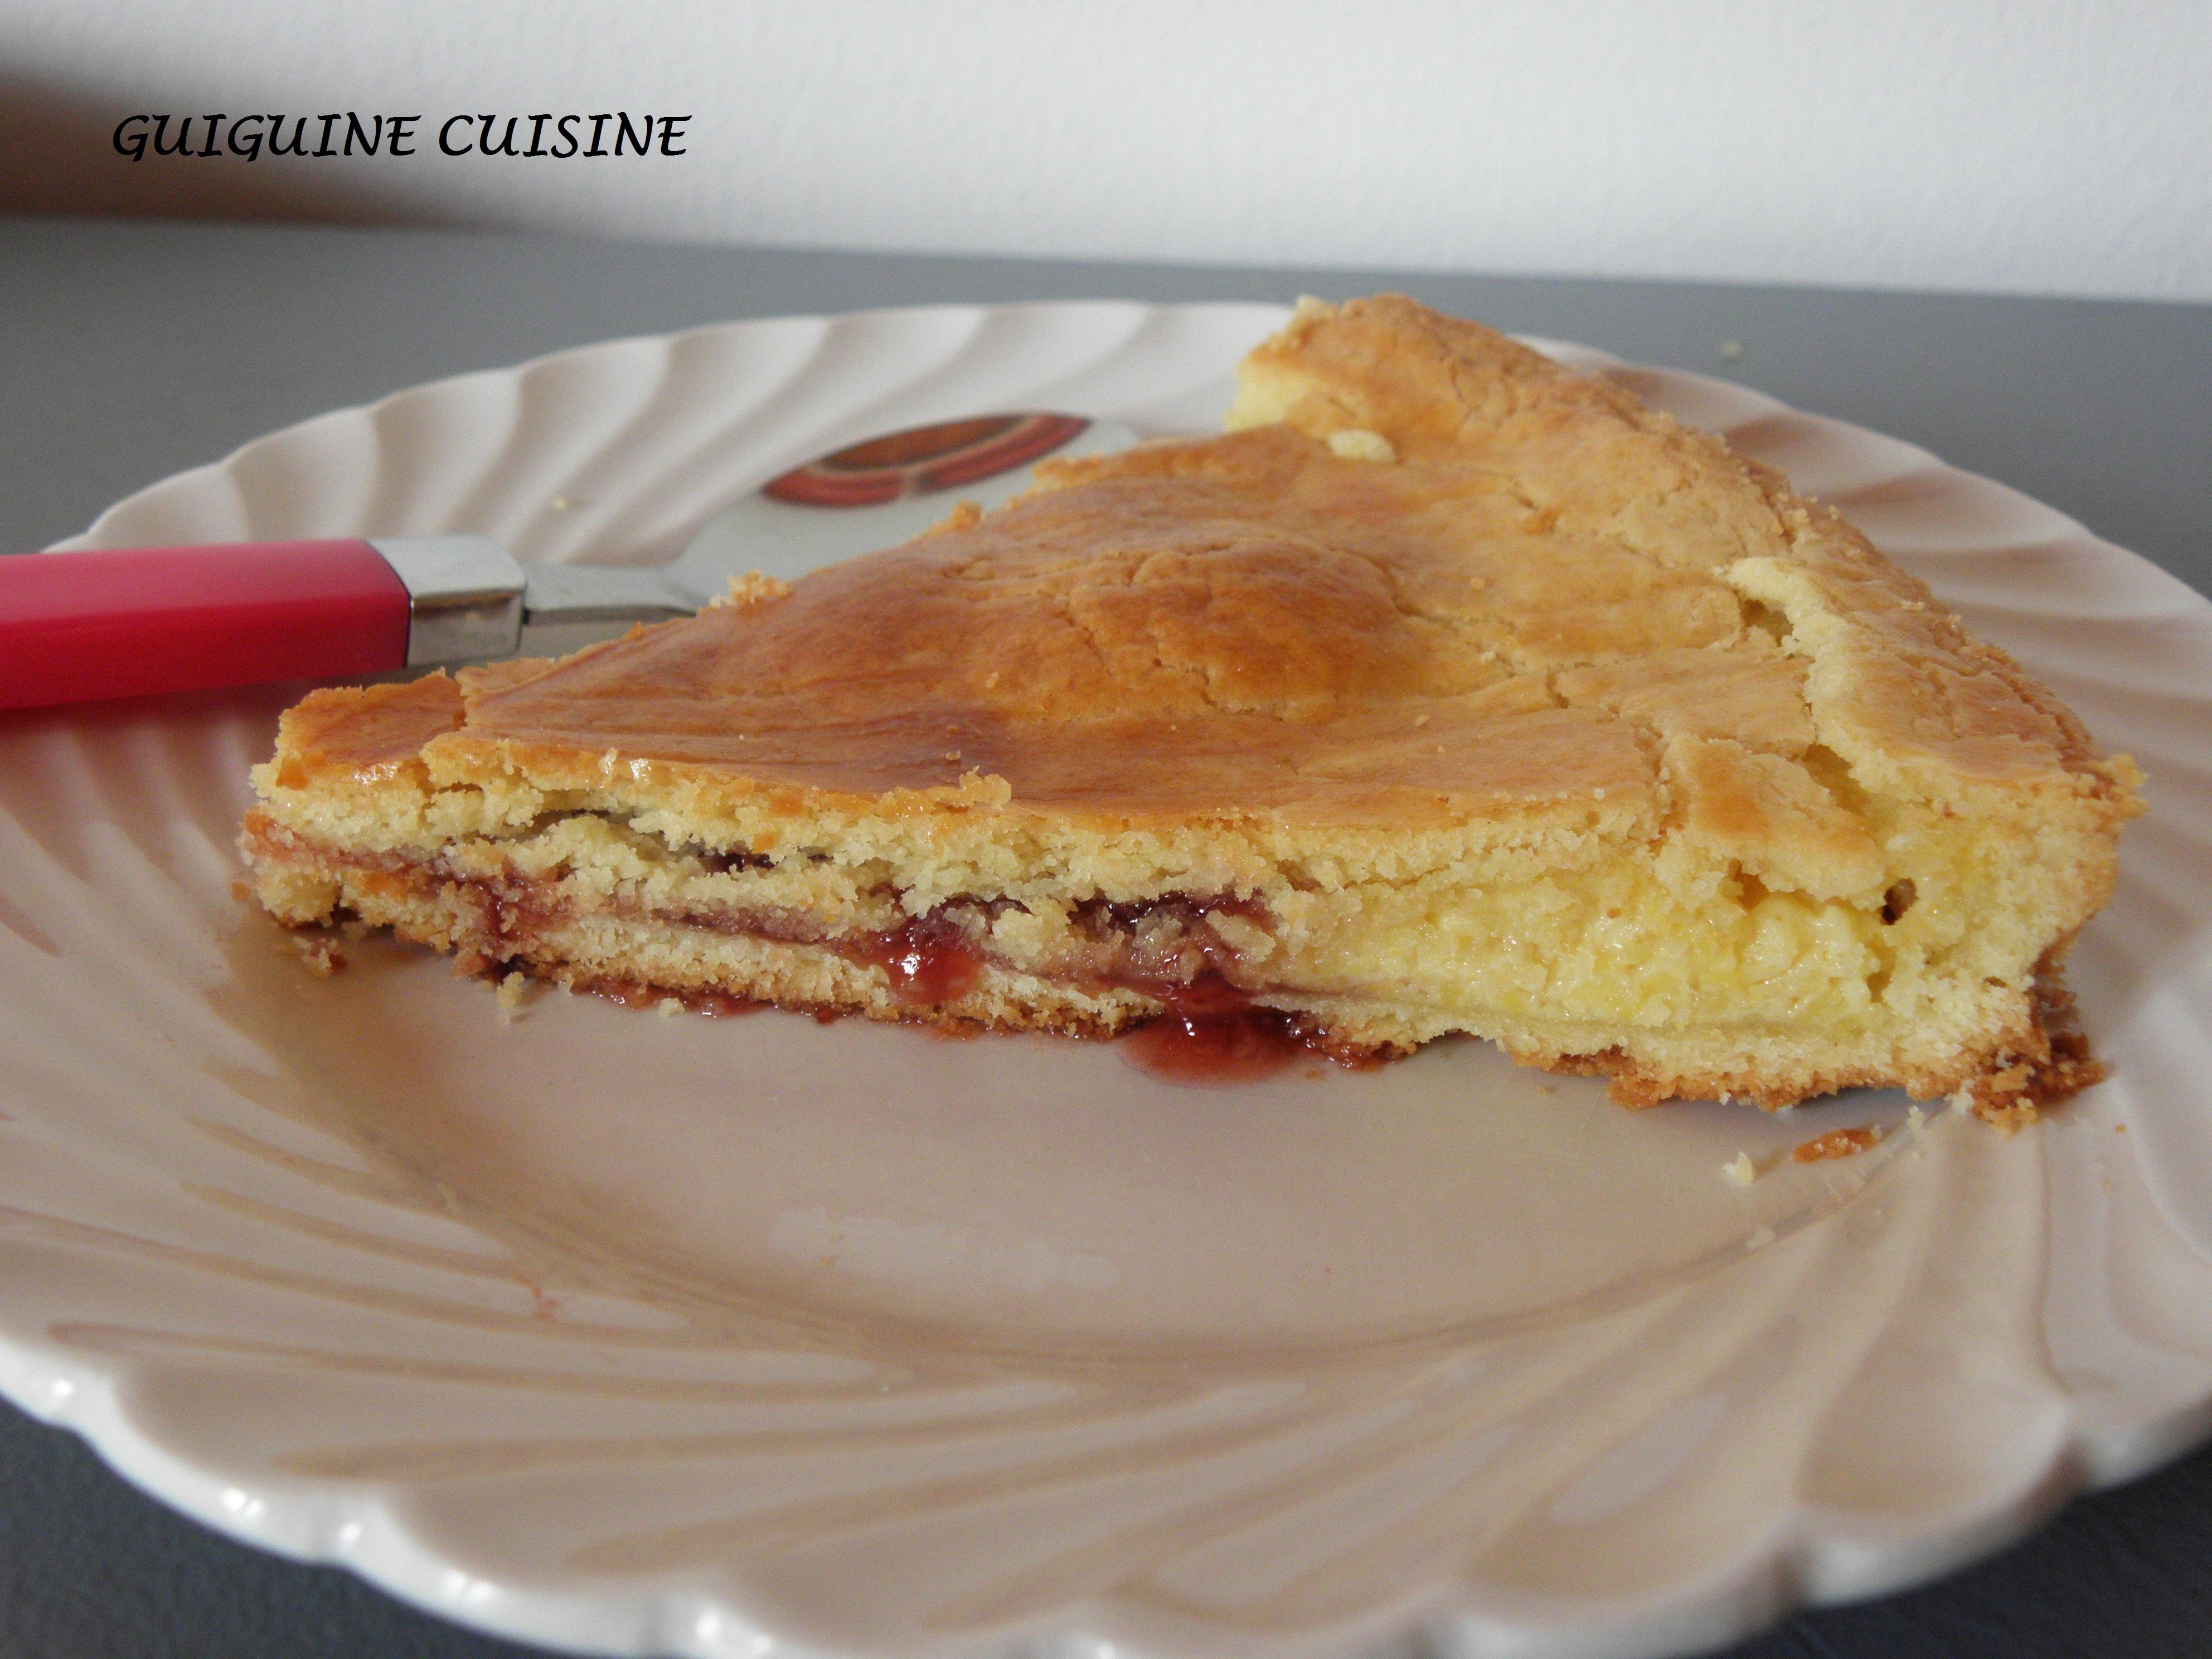 gateau basque de c felder aux fraises guiguine cuisine